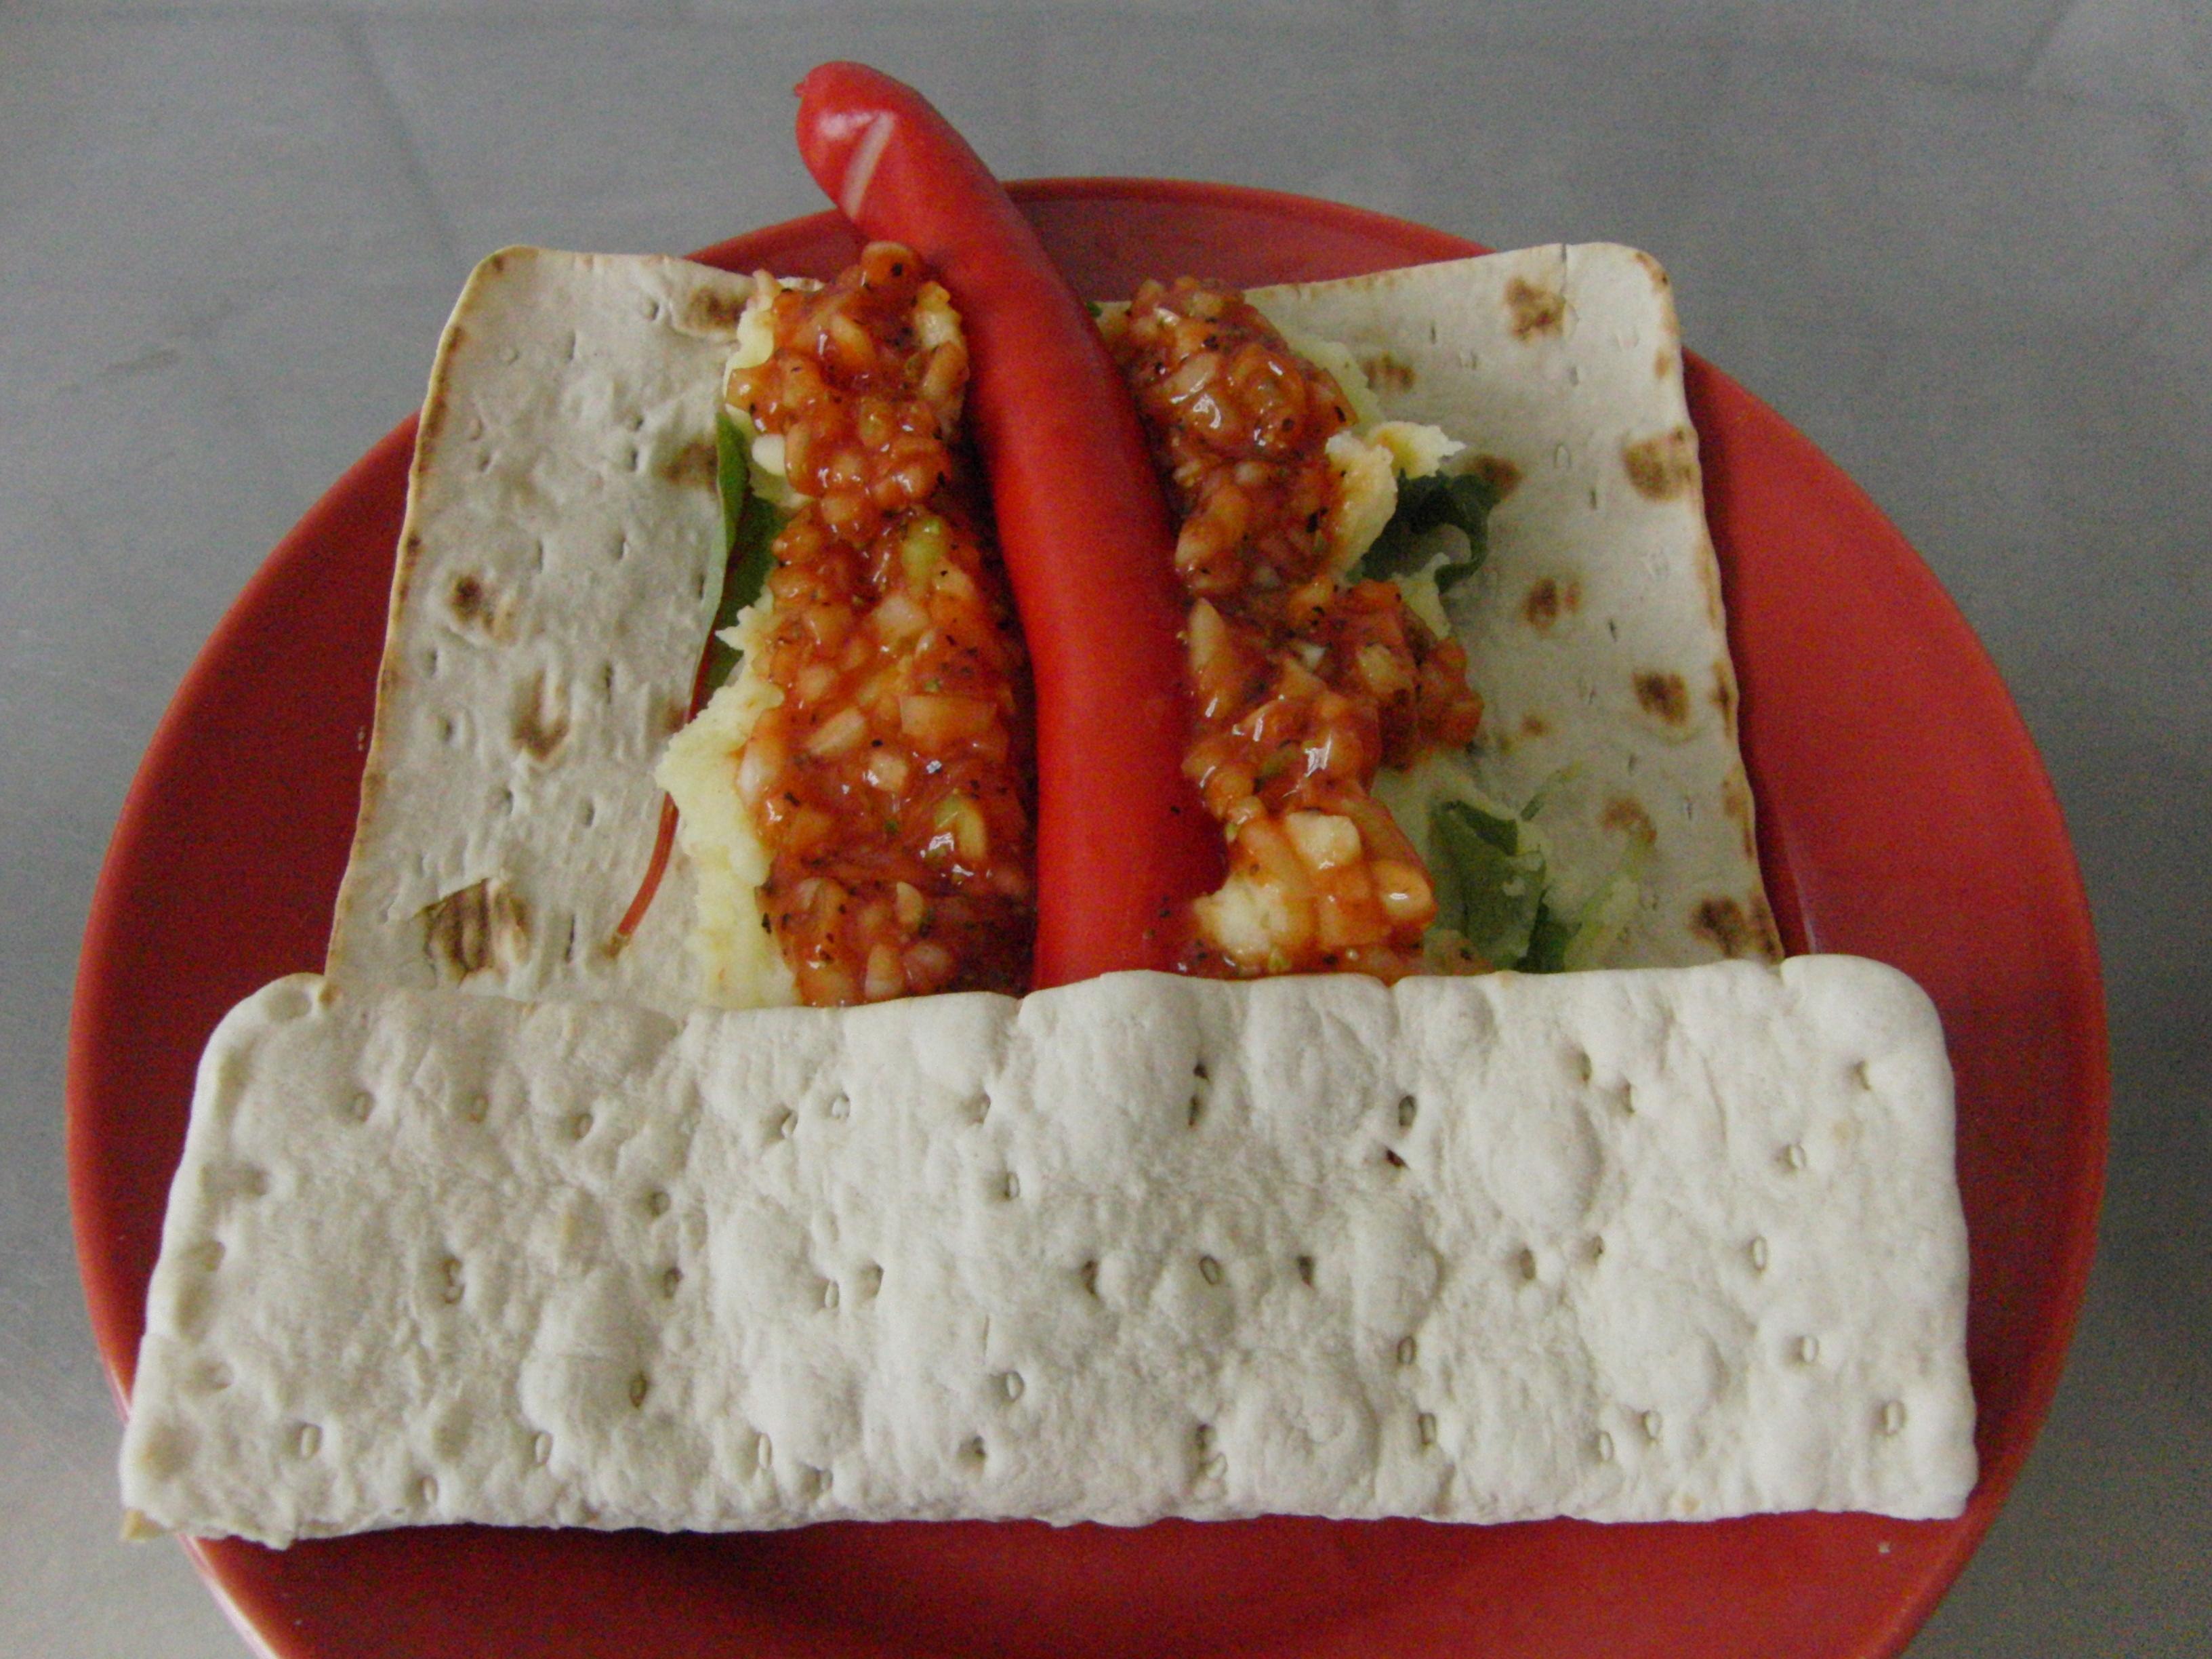 Tunnbrödsrulle med potatismos röd pölse och lökketchup